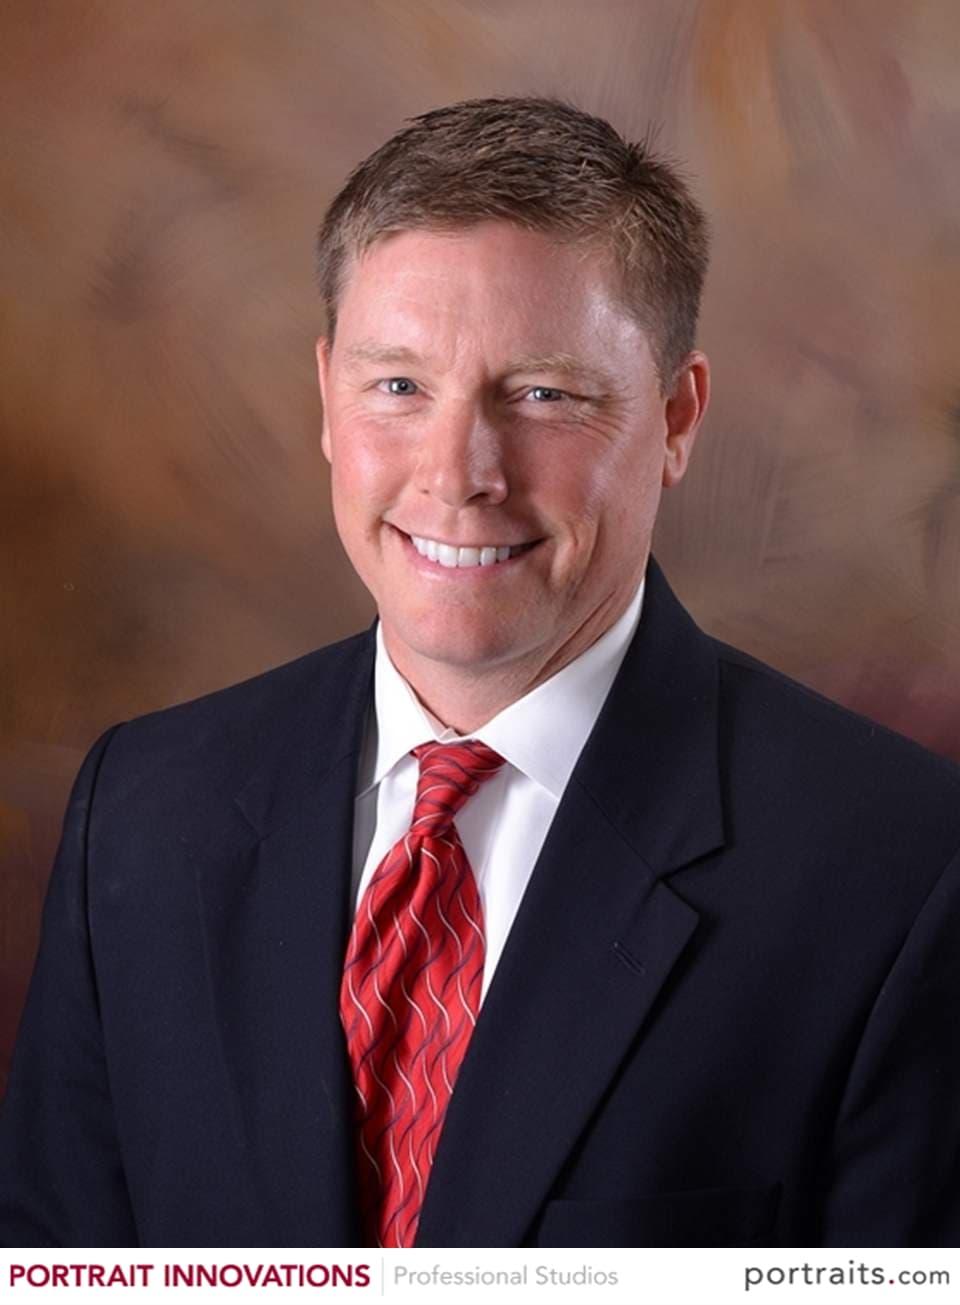 Chad G Ashley, DDS General Dentistry